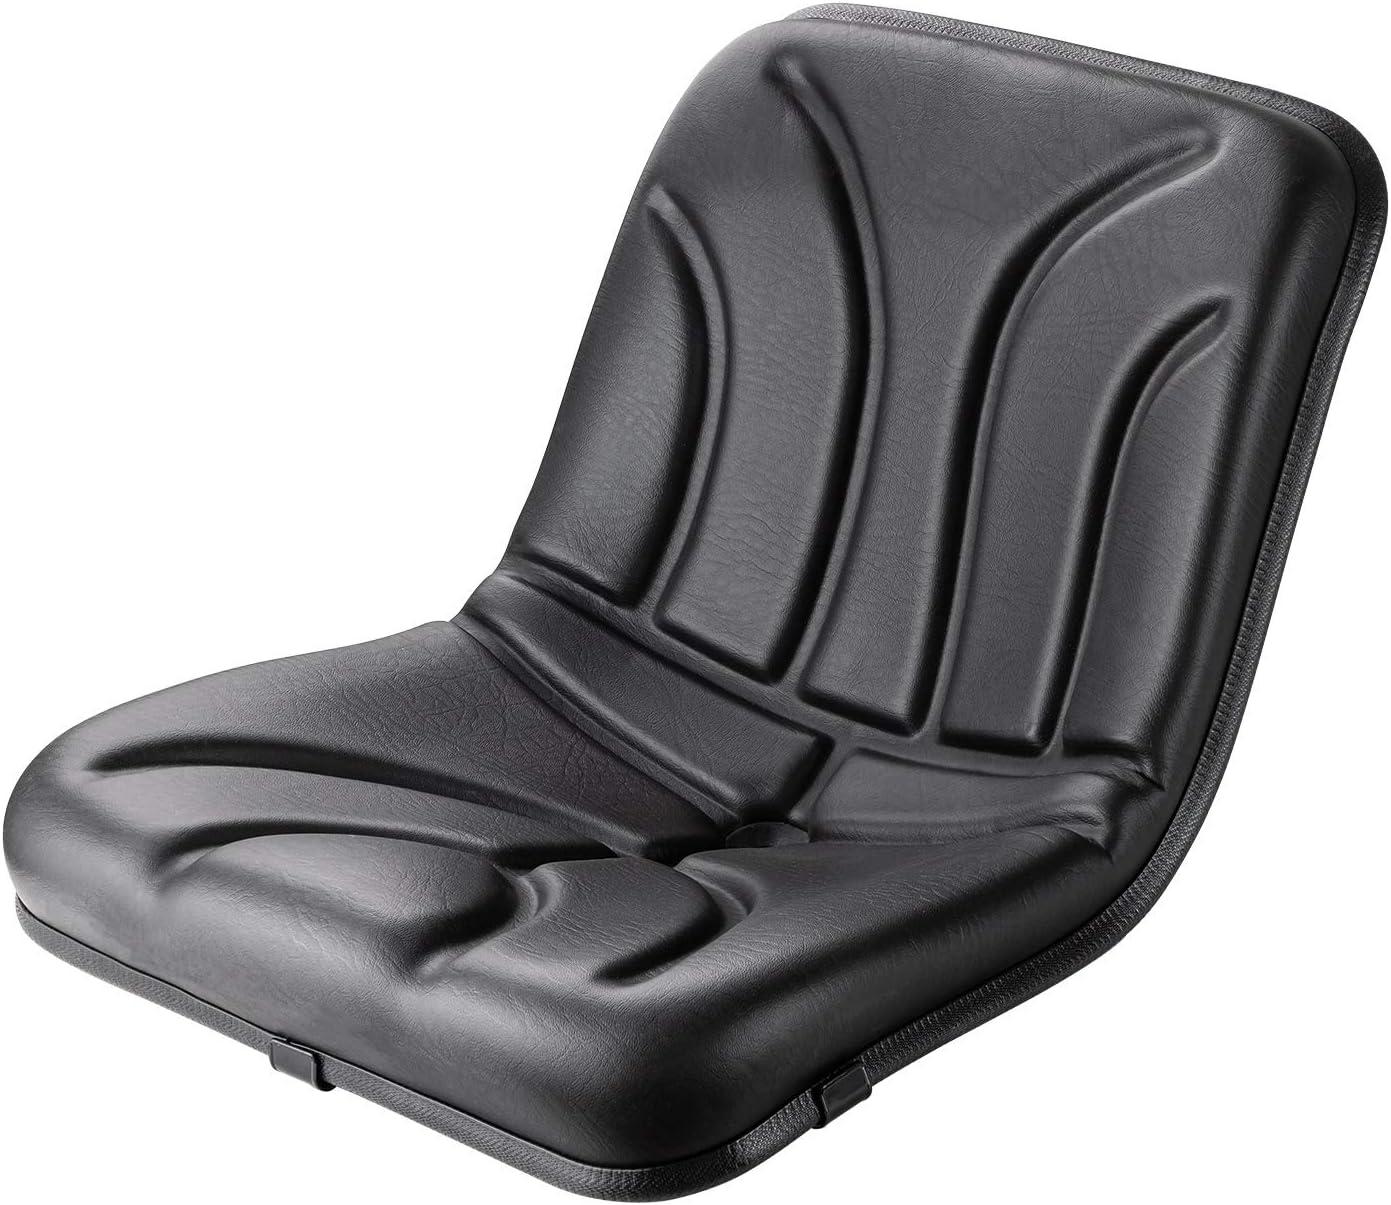 Dema Universal Sitzschale Sitz Universalsitz St Yp11 Für Traktor Schlepper Stapler Auto